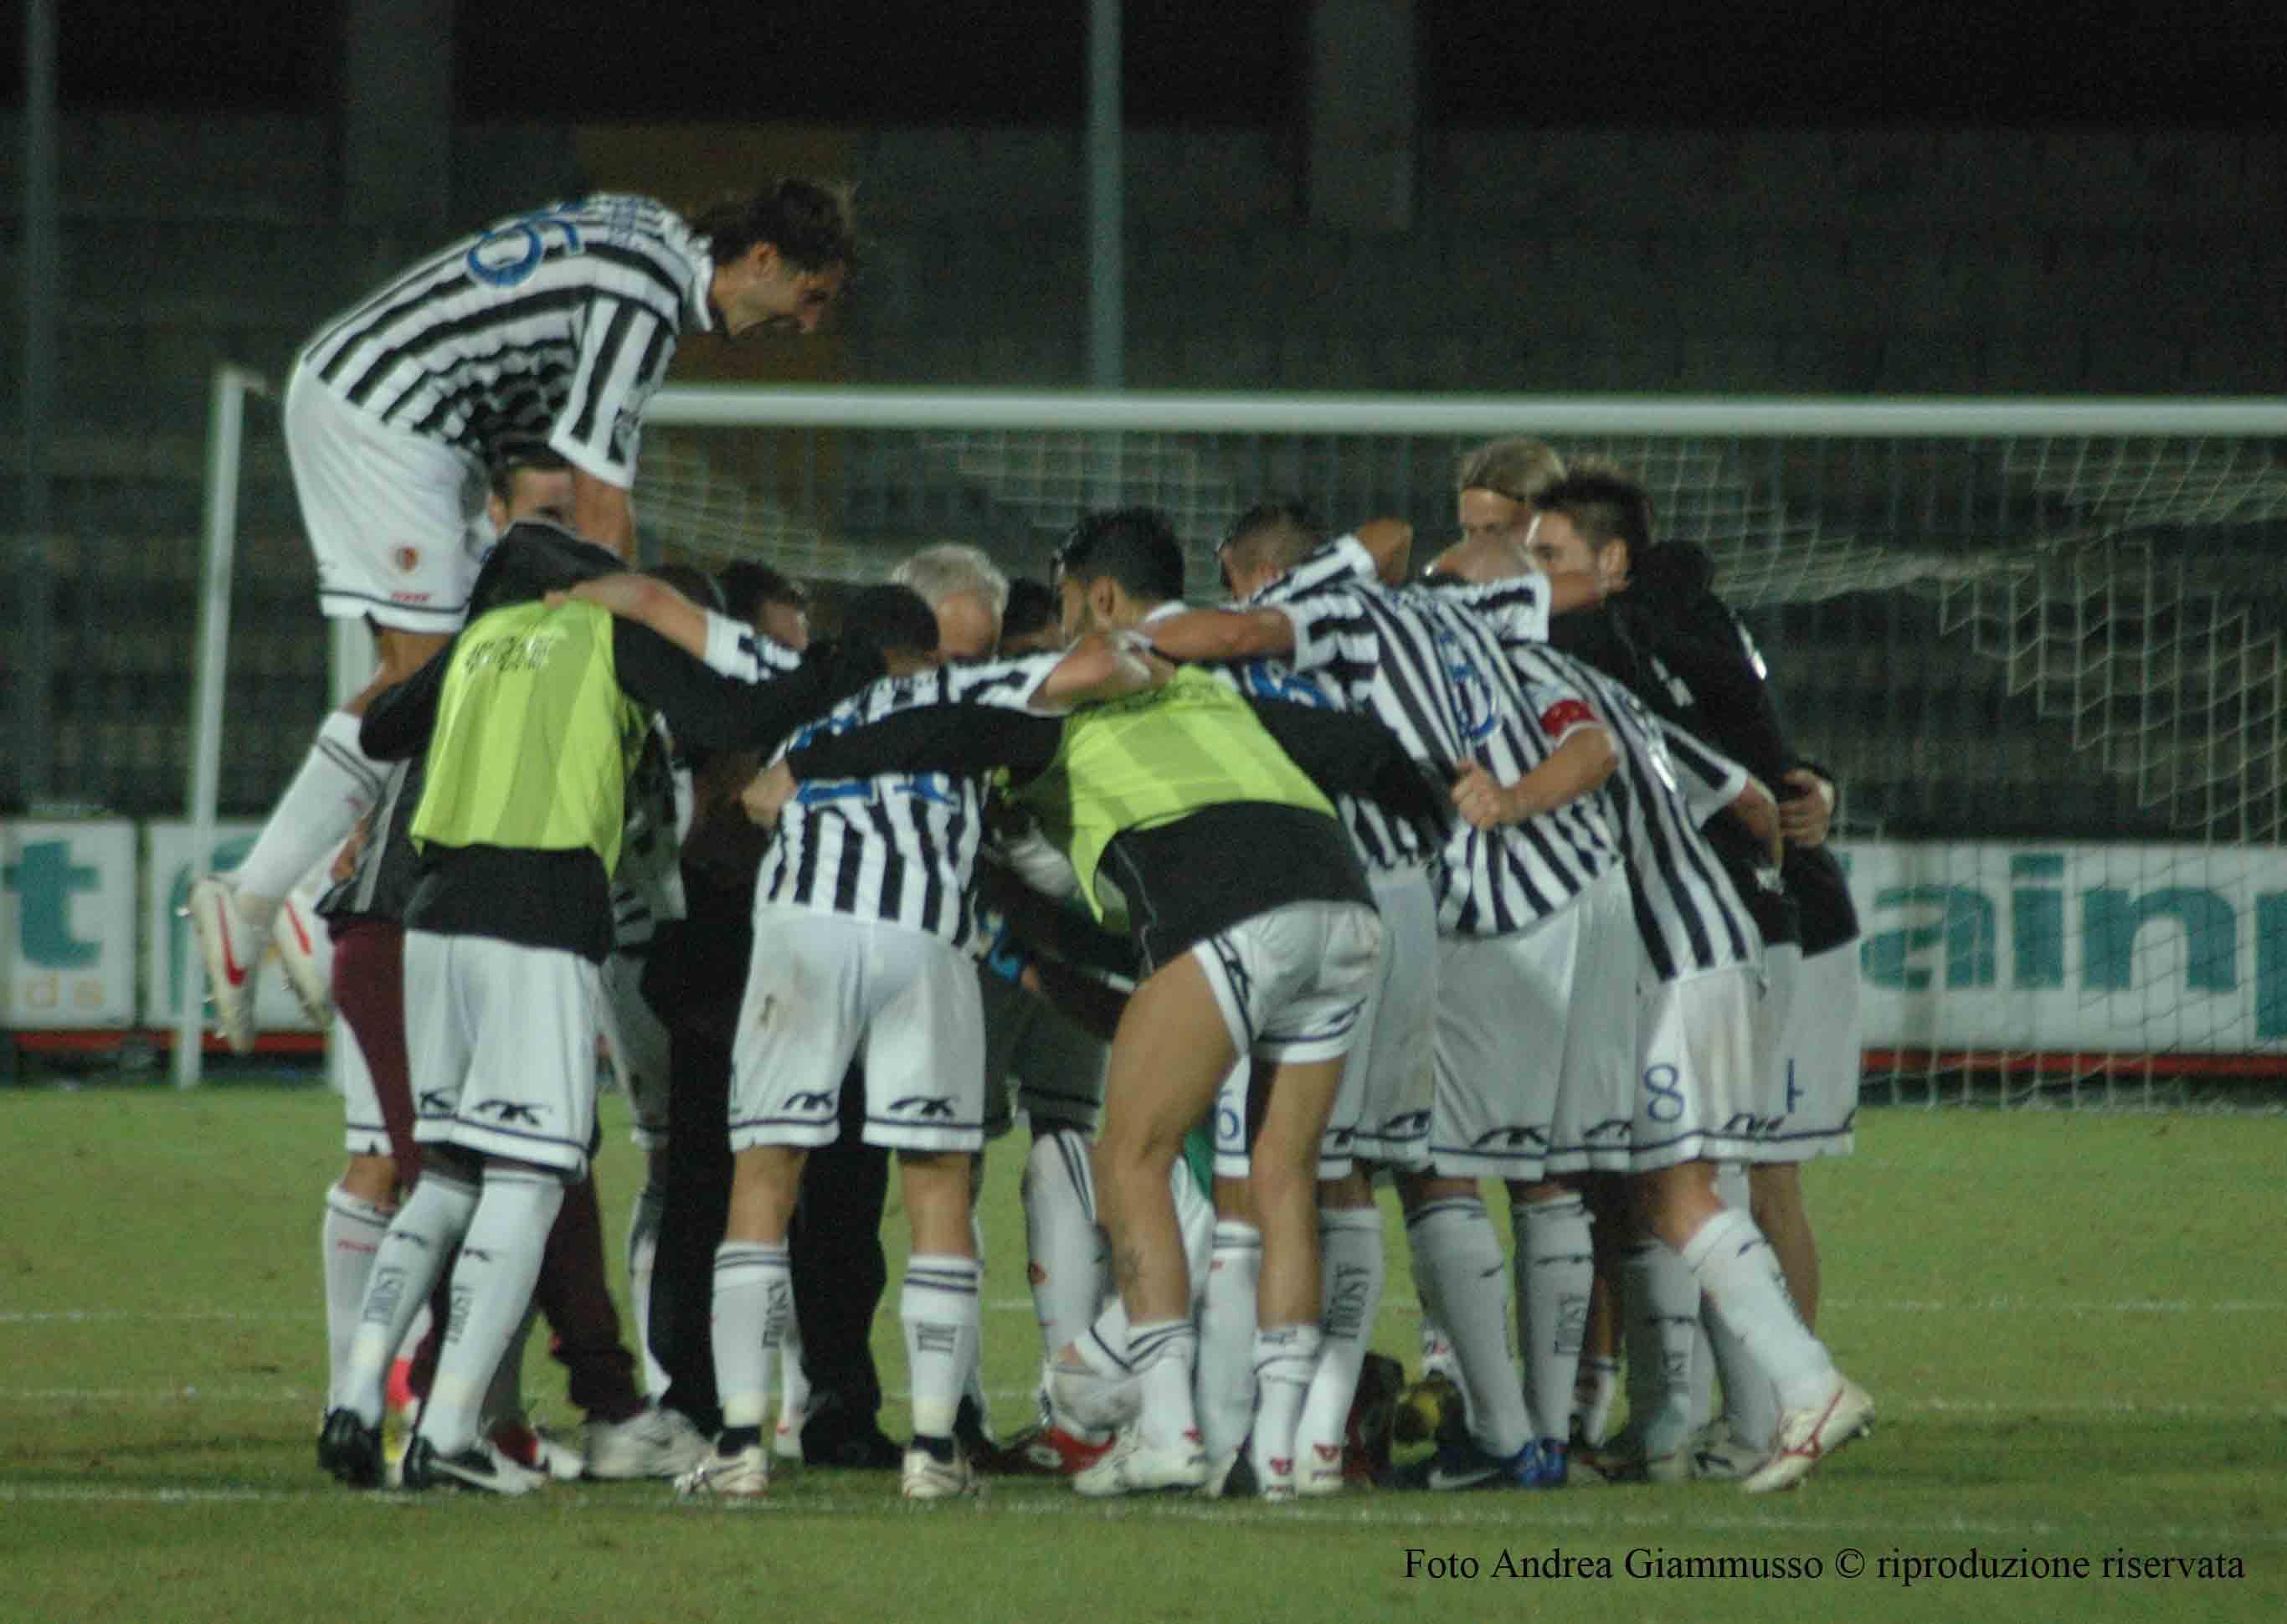 Silva e i giocatori festeggiano la vittoria col Cesena (Giammusso)